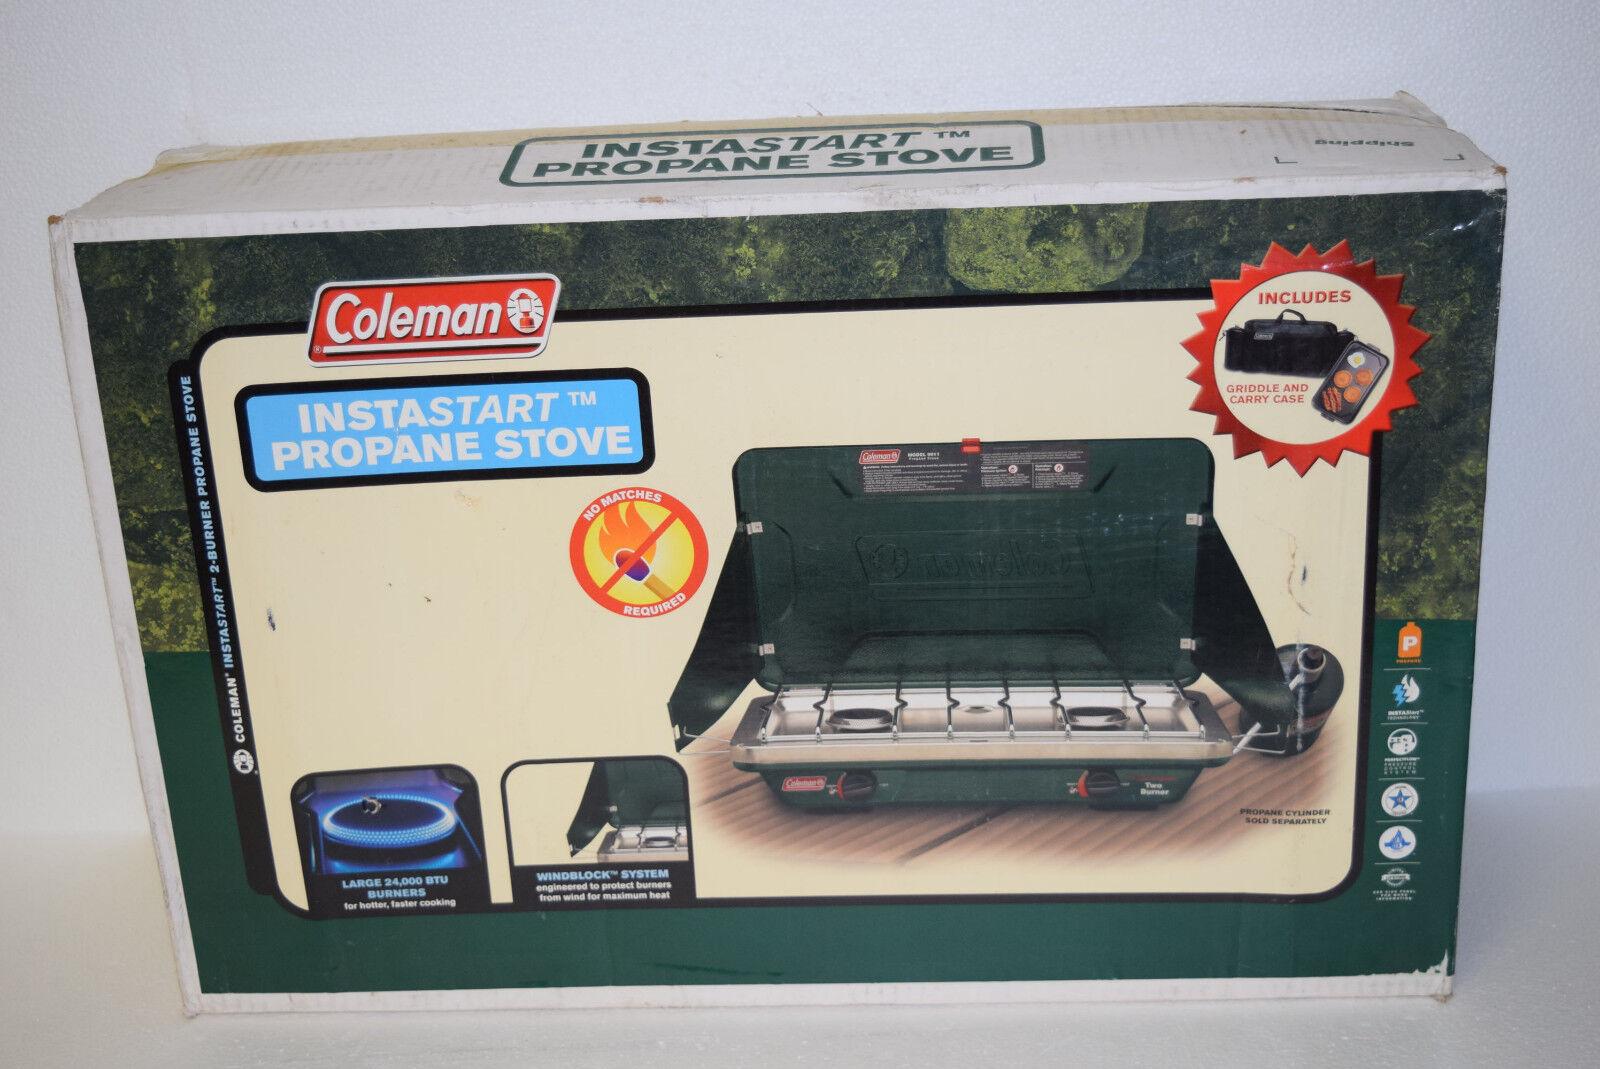 Coleman 9912A768 InstaStart Propane Stove 2-Burner 24,000 BTU w Griddle & Case